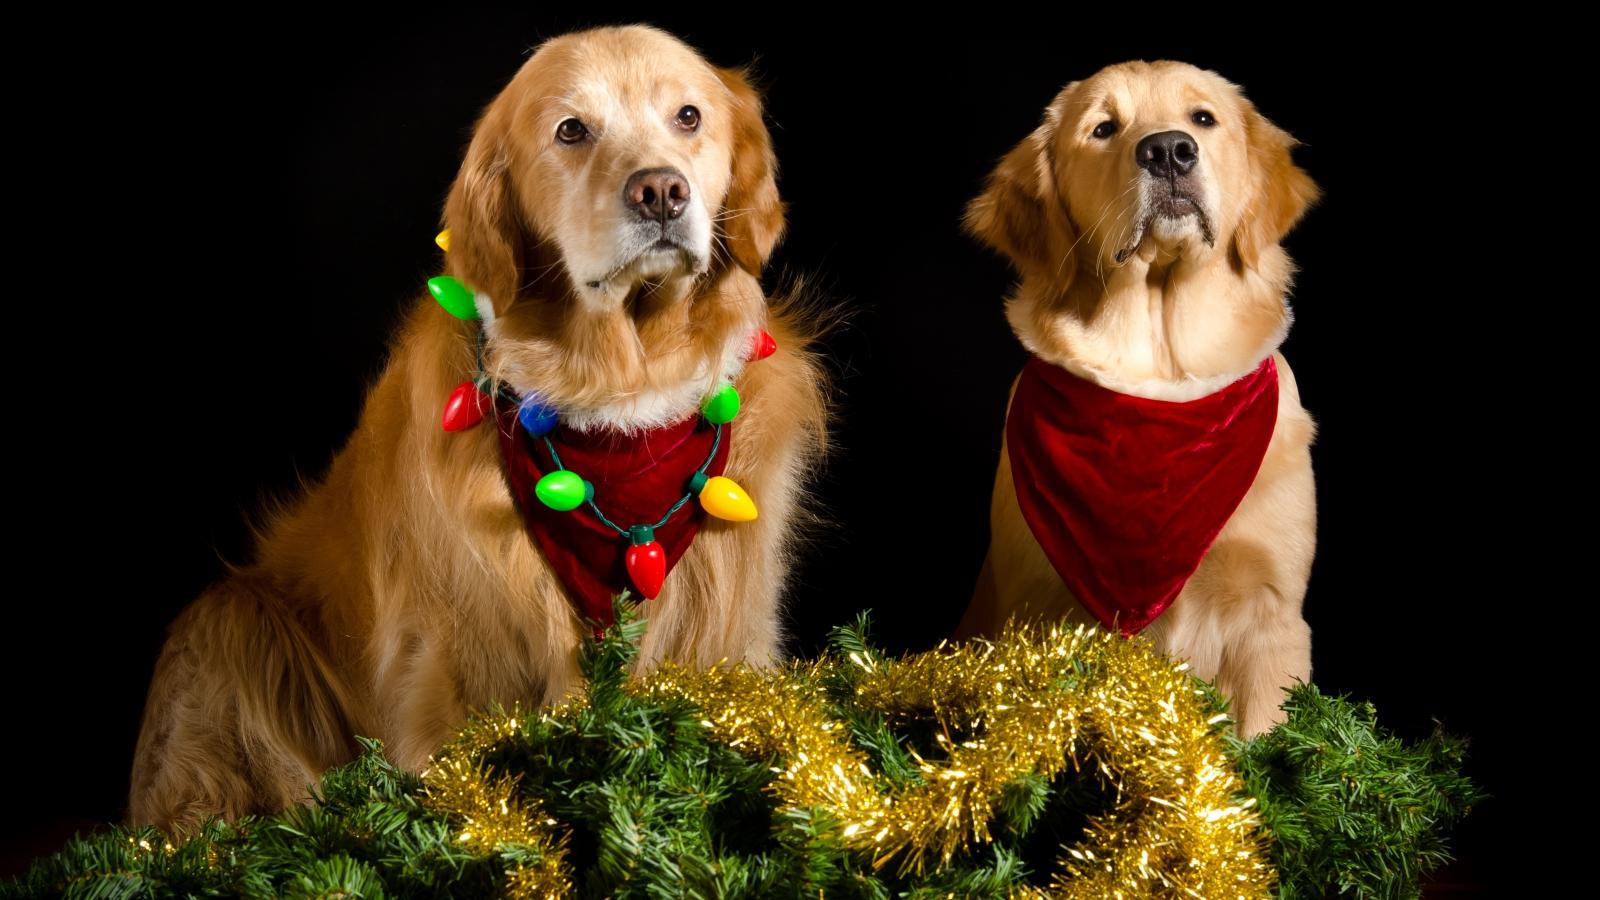 Perros con adornos Navidad - 1600x900